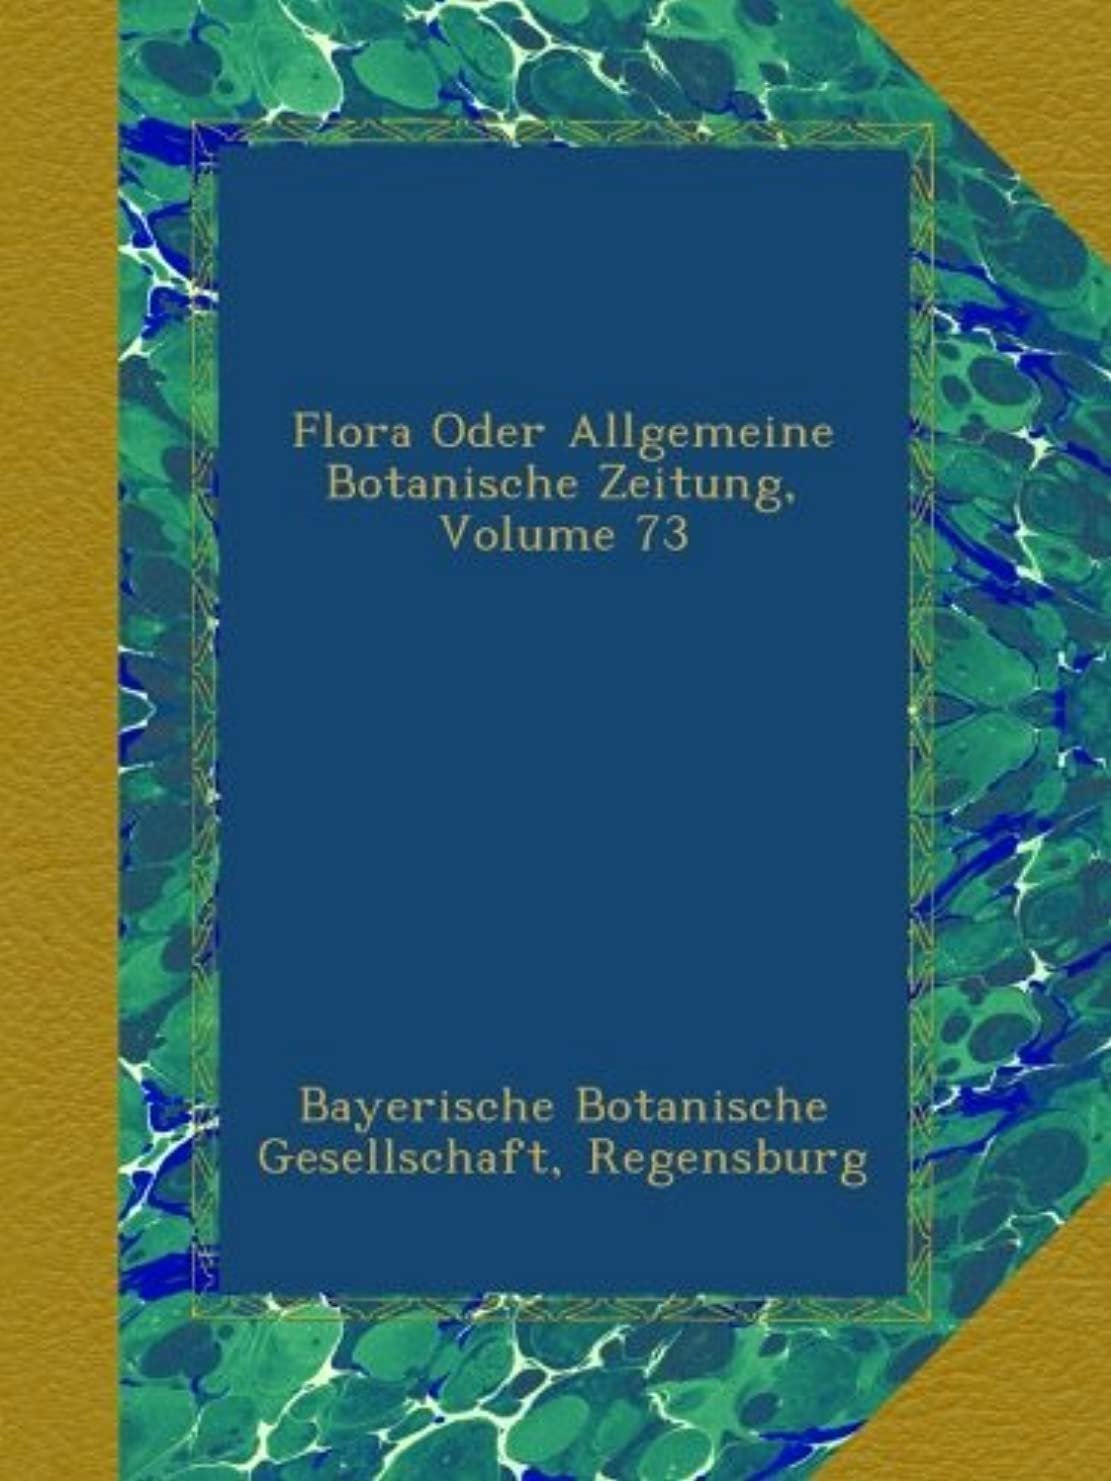 甥シリーズ有名なFlora Oder Allgemeine Botanische Zeitung, Volume 73